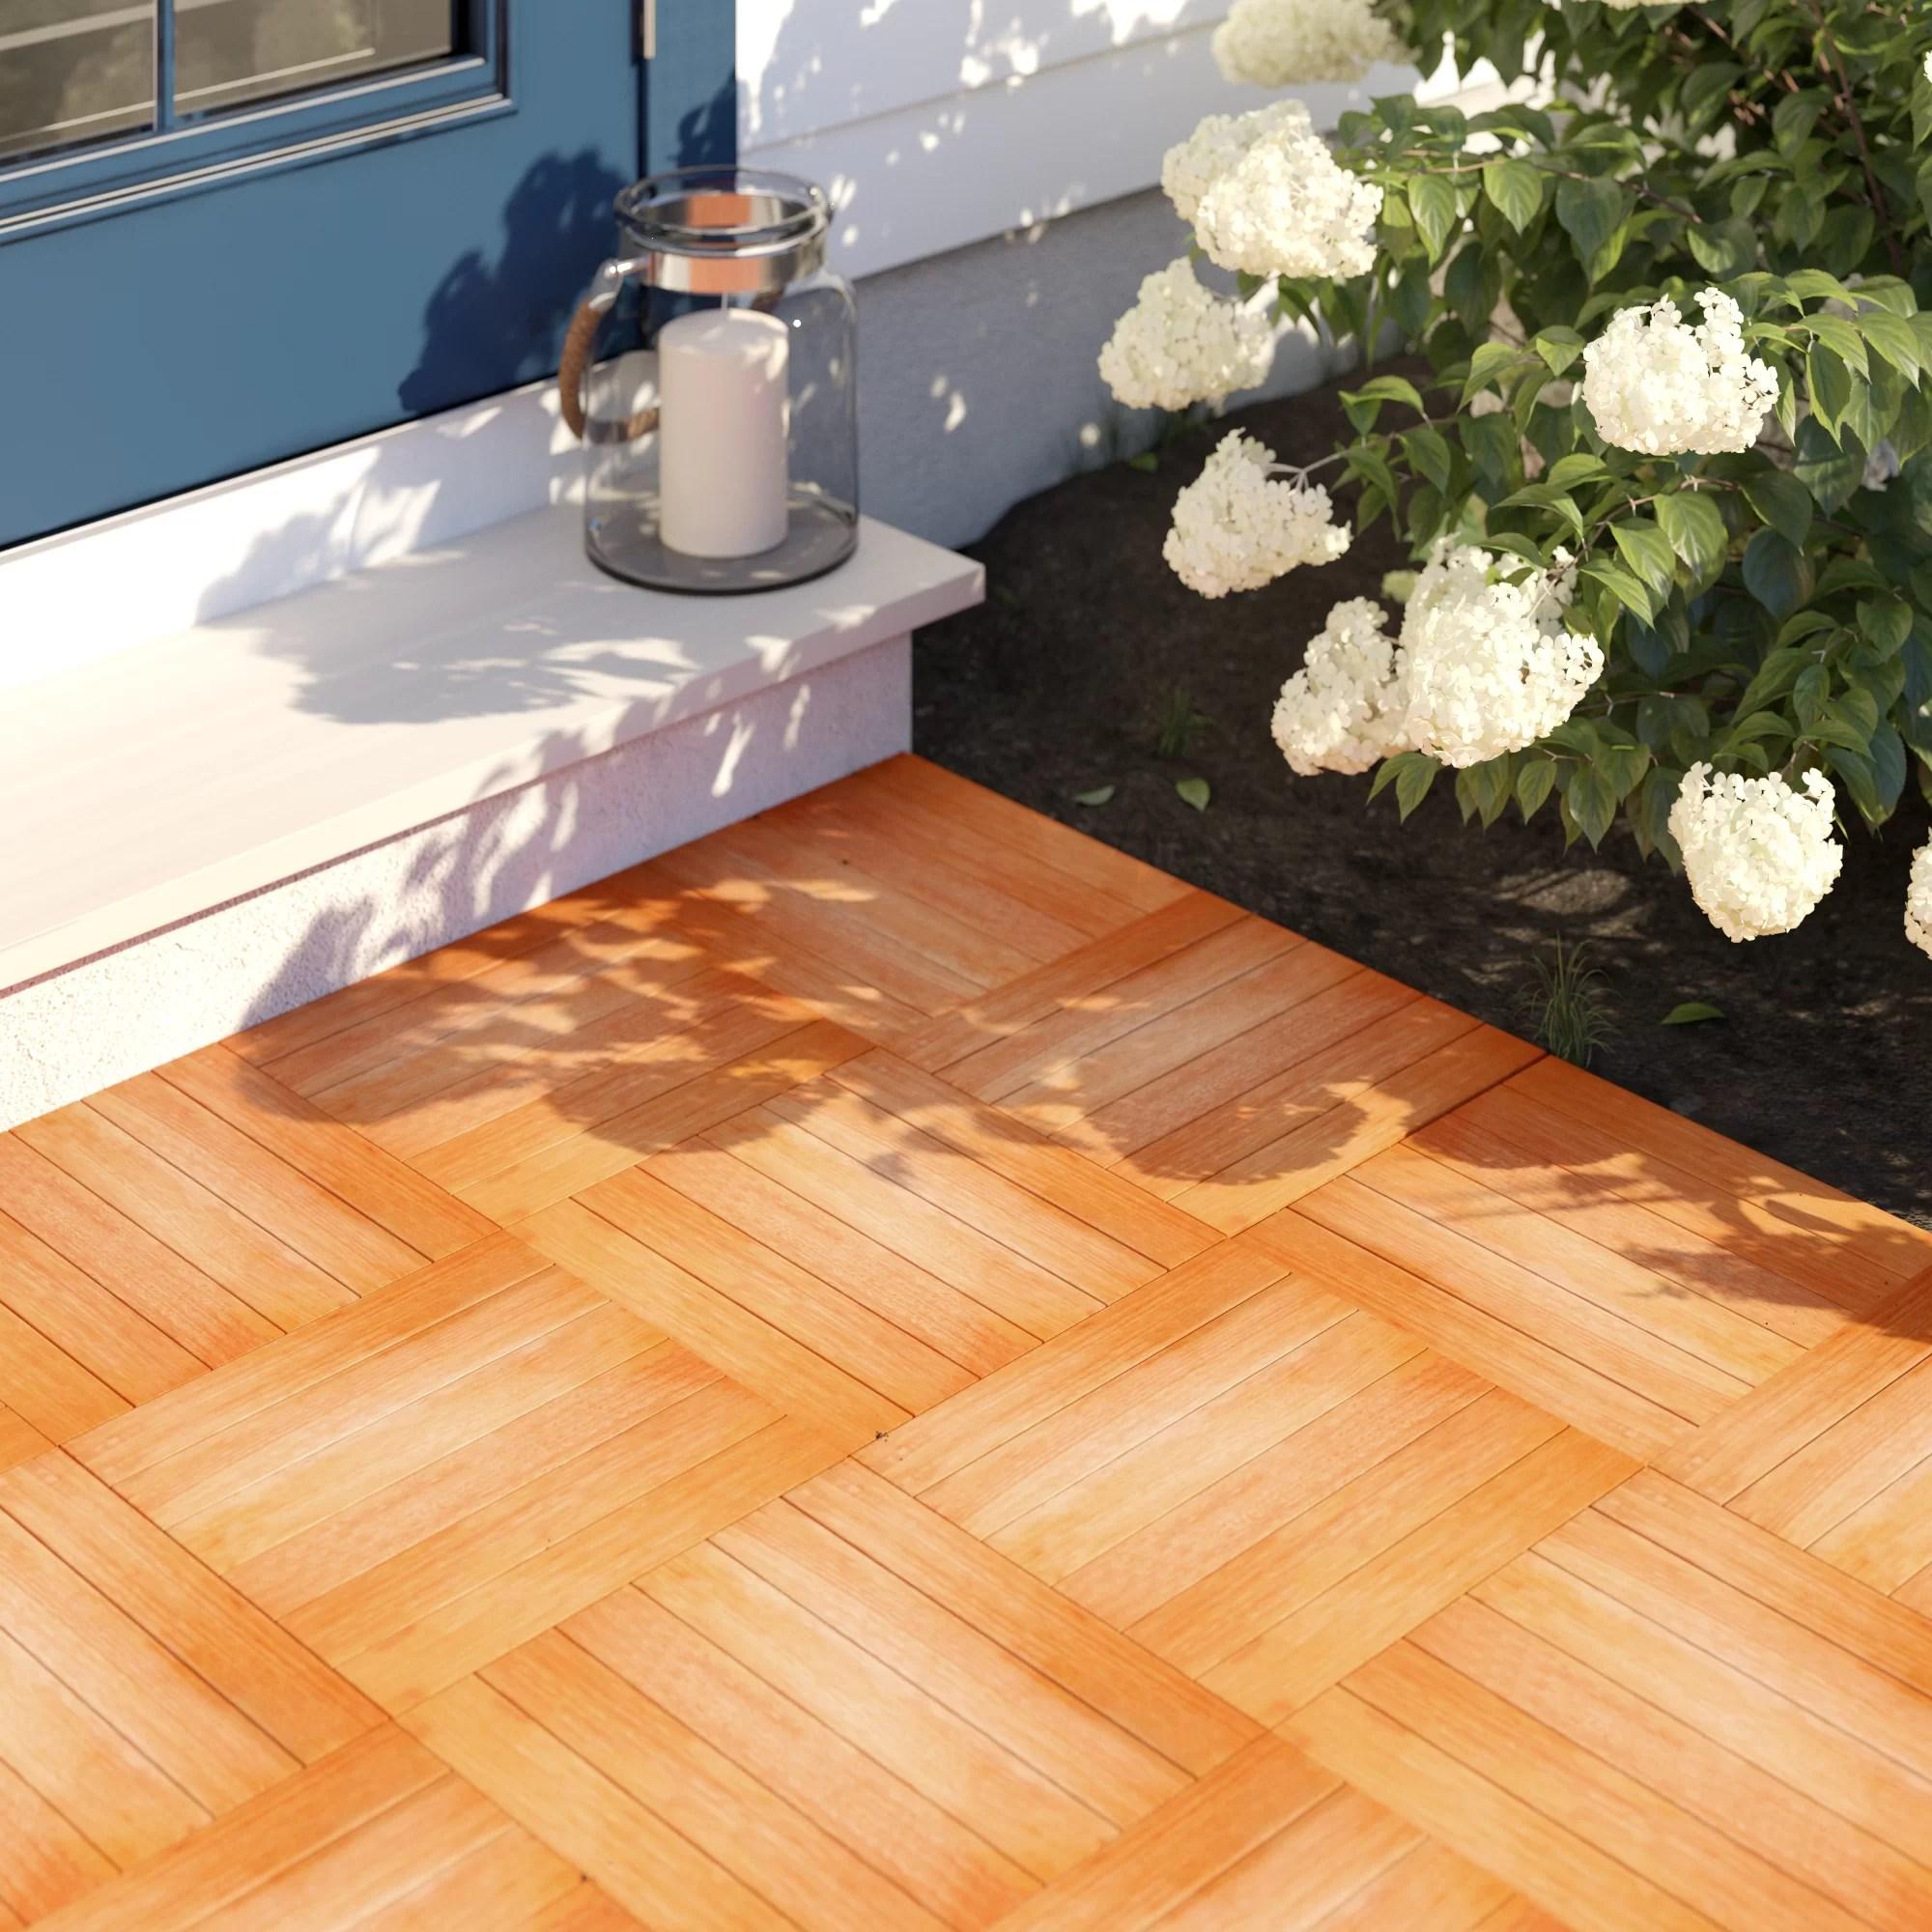 tryon 12 x 12 eucalyptus interlocking deck tile in natural